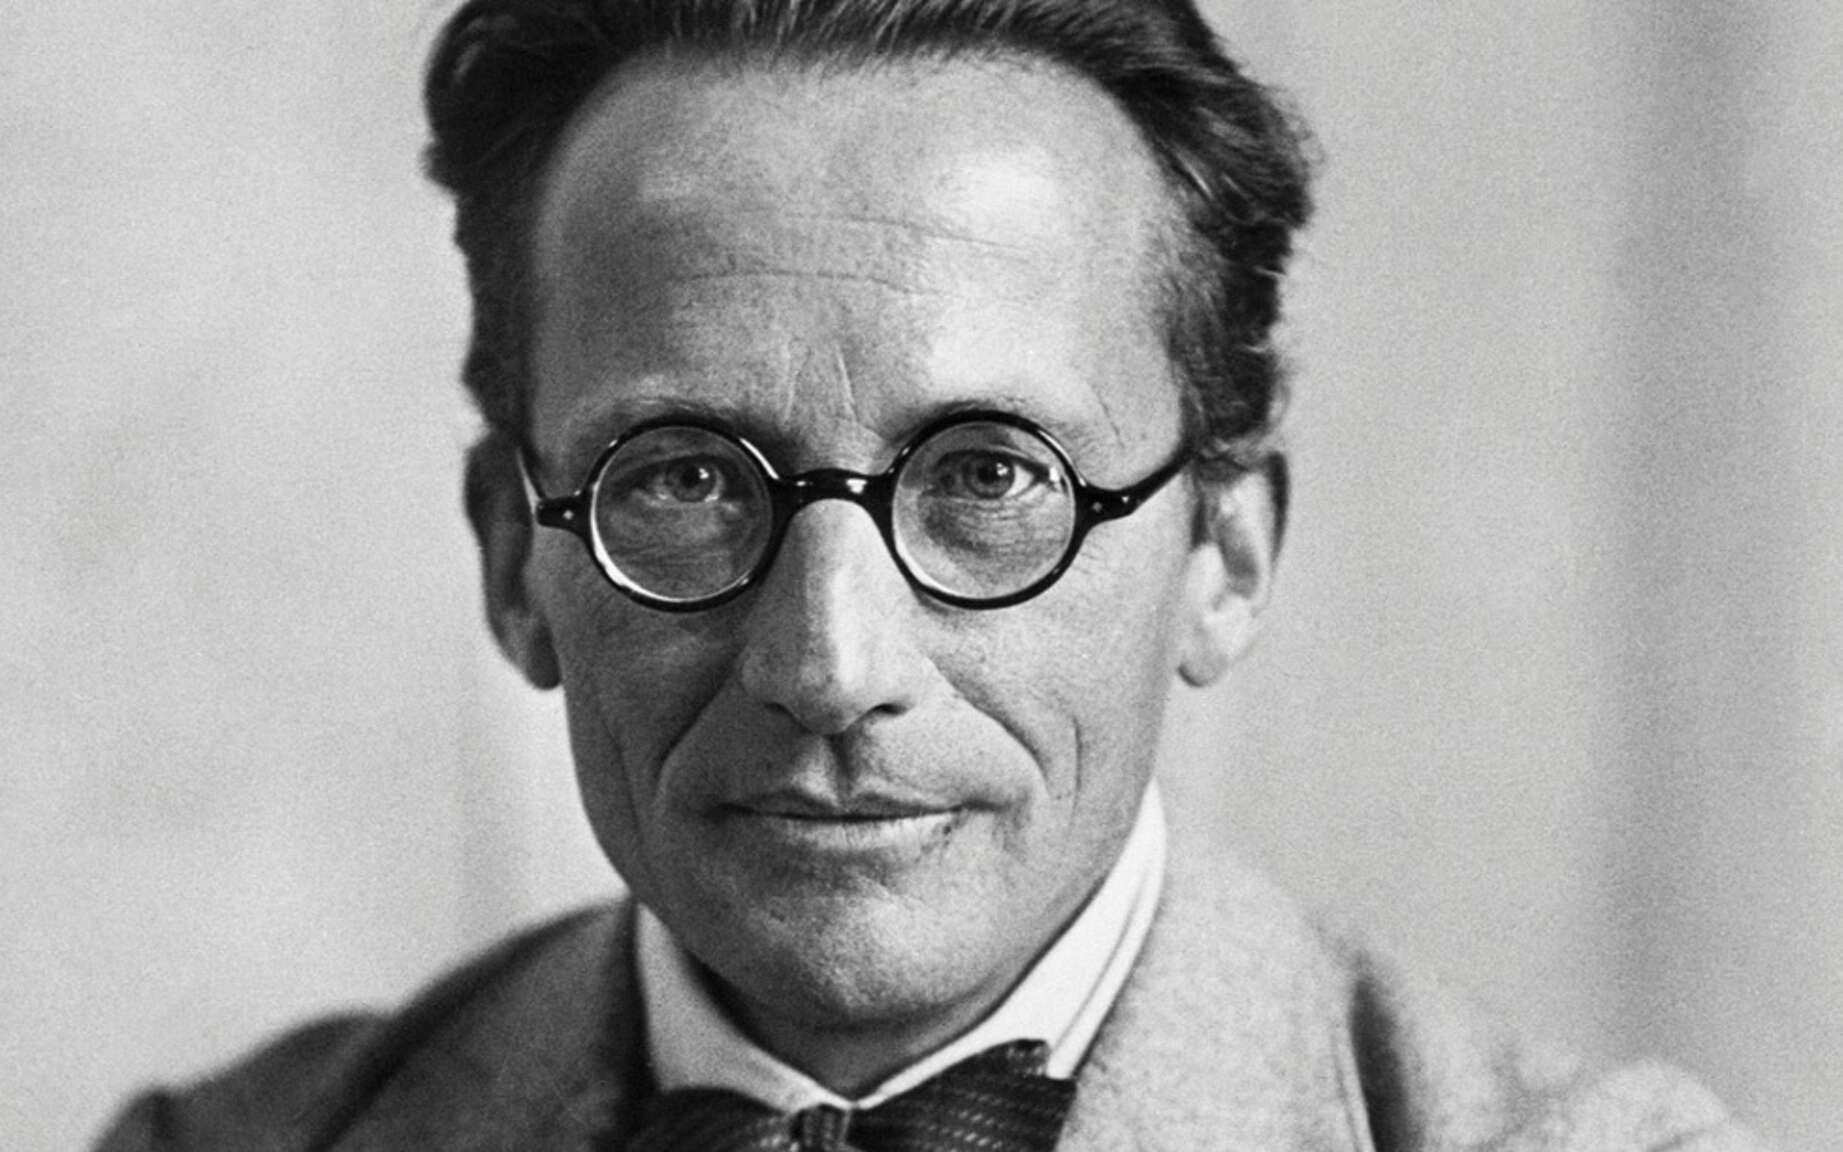 L'un des pères de la mécanique quantique, le prix Nobel de physique Erwin Schrödinger. Sa mécanique des ondes de matière gouvernées par l'équation portant son nom a permis de comprendre les propriétés des atomes et des molécules. Il a découvert avec Einstein, en 1935, le phénomène d'intrication quantique impliqué par son équation. © Bettmann, Corbis